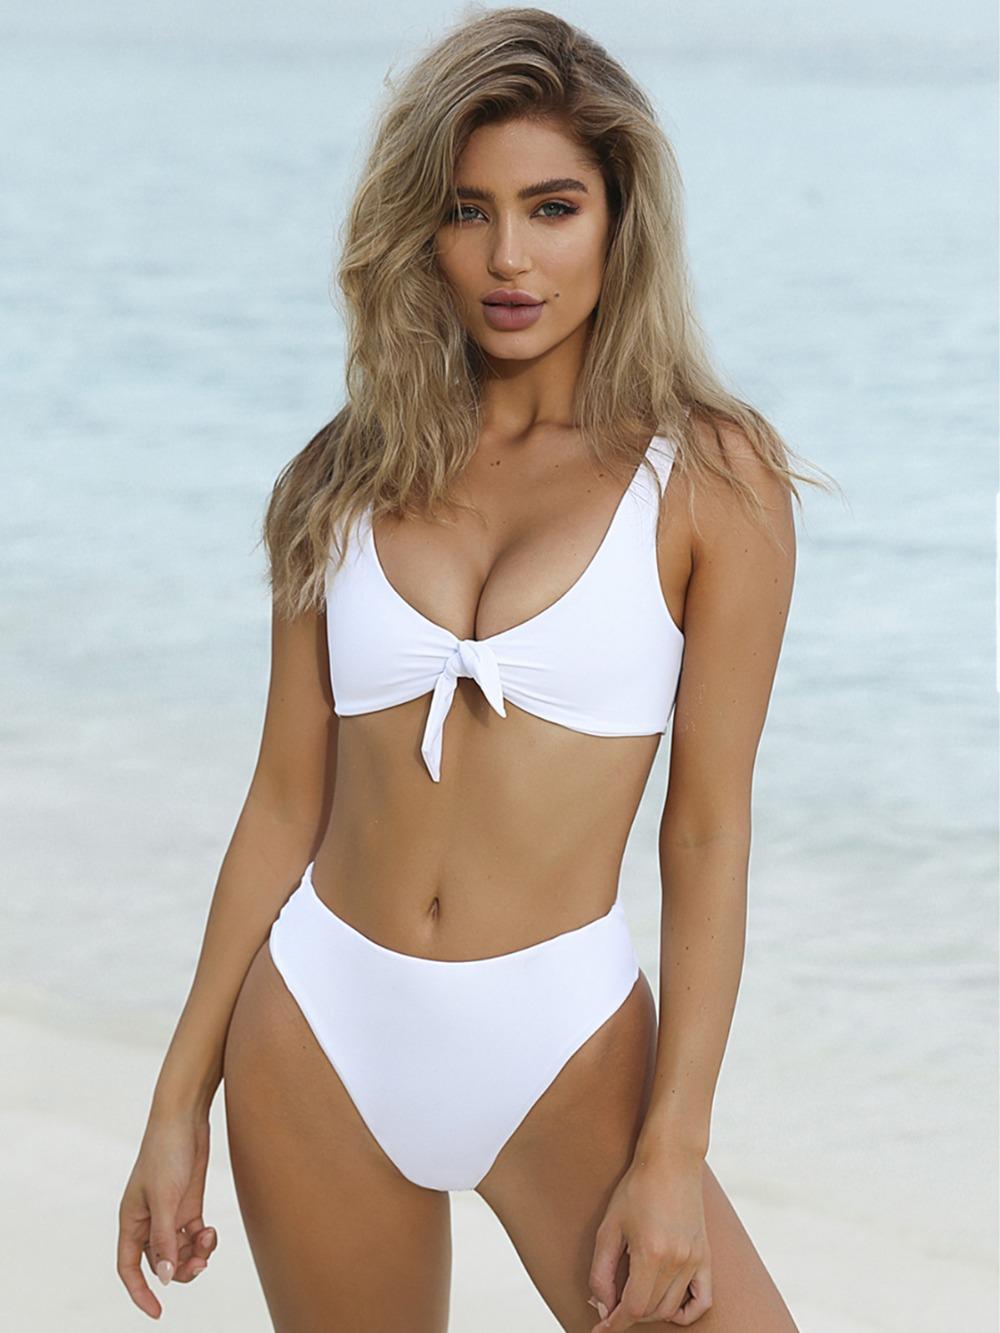 HTB15kfkRVXXXXc2XXXXq6xXFXXXE - Summer sexy Beach Bikini Double wrapped chest Women Beach swimsuit Underwear Bra sets JKP388